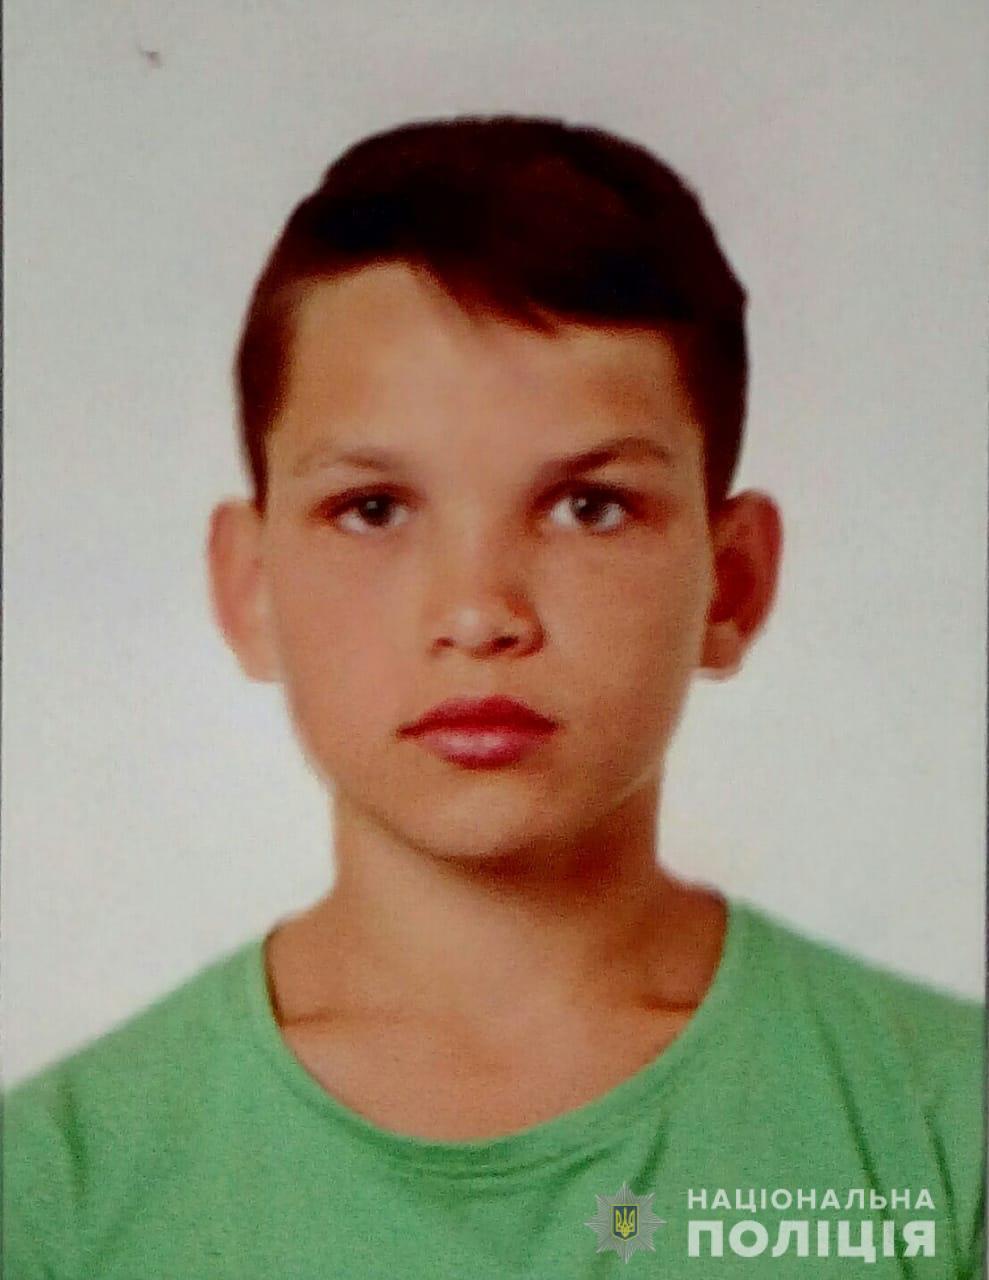 На Вінниччині розшукують 15-річного хлопця (Фото)